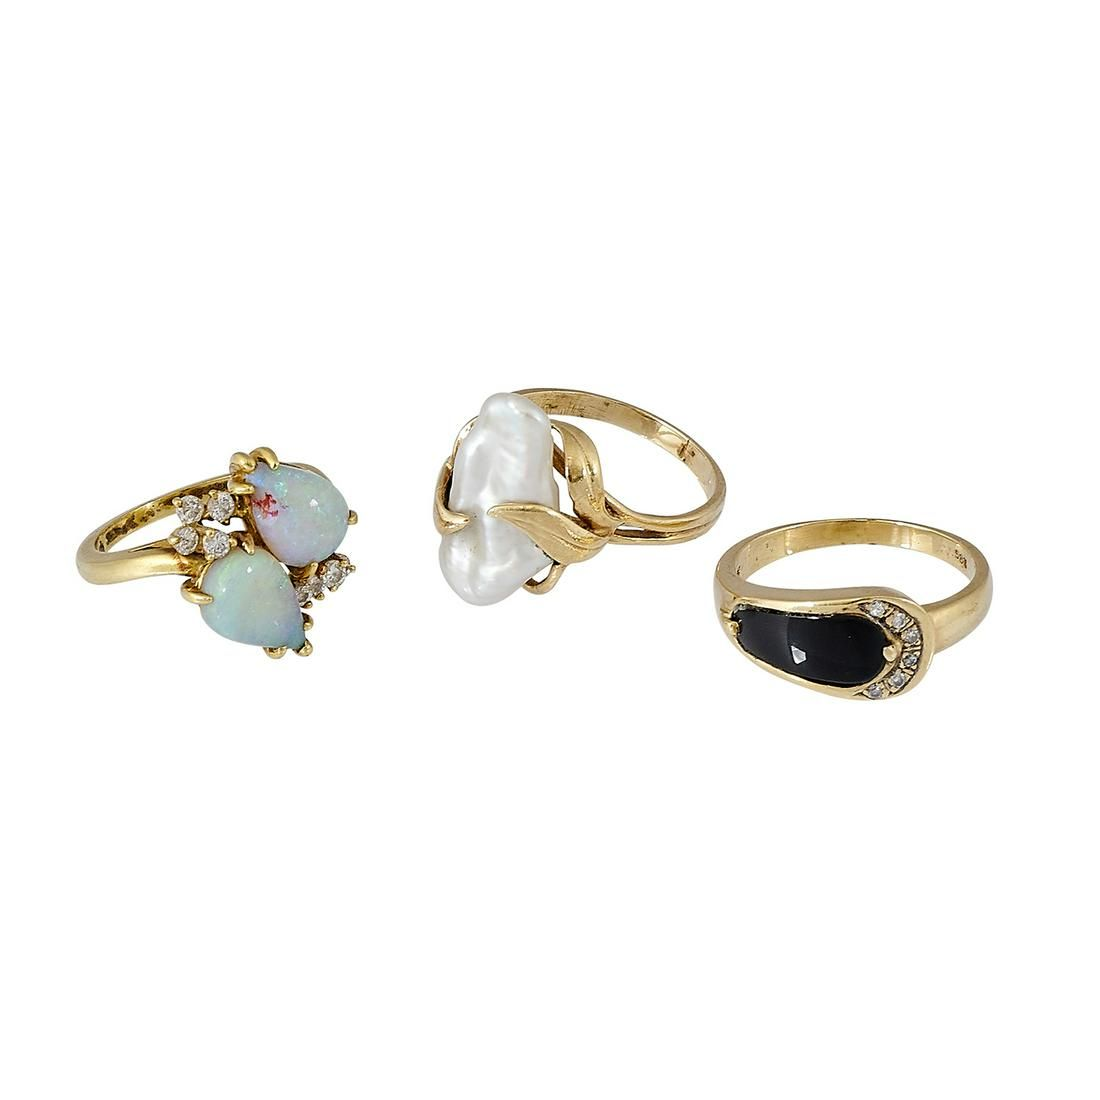 Vintage three ladies rings